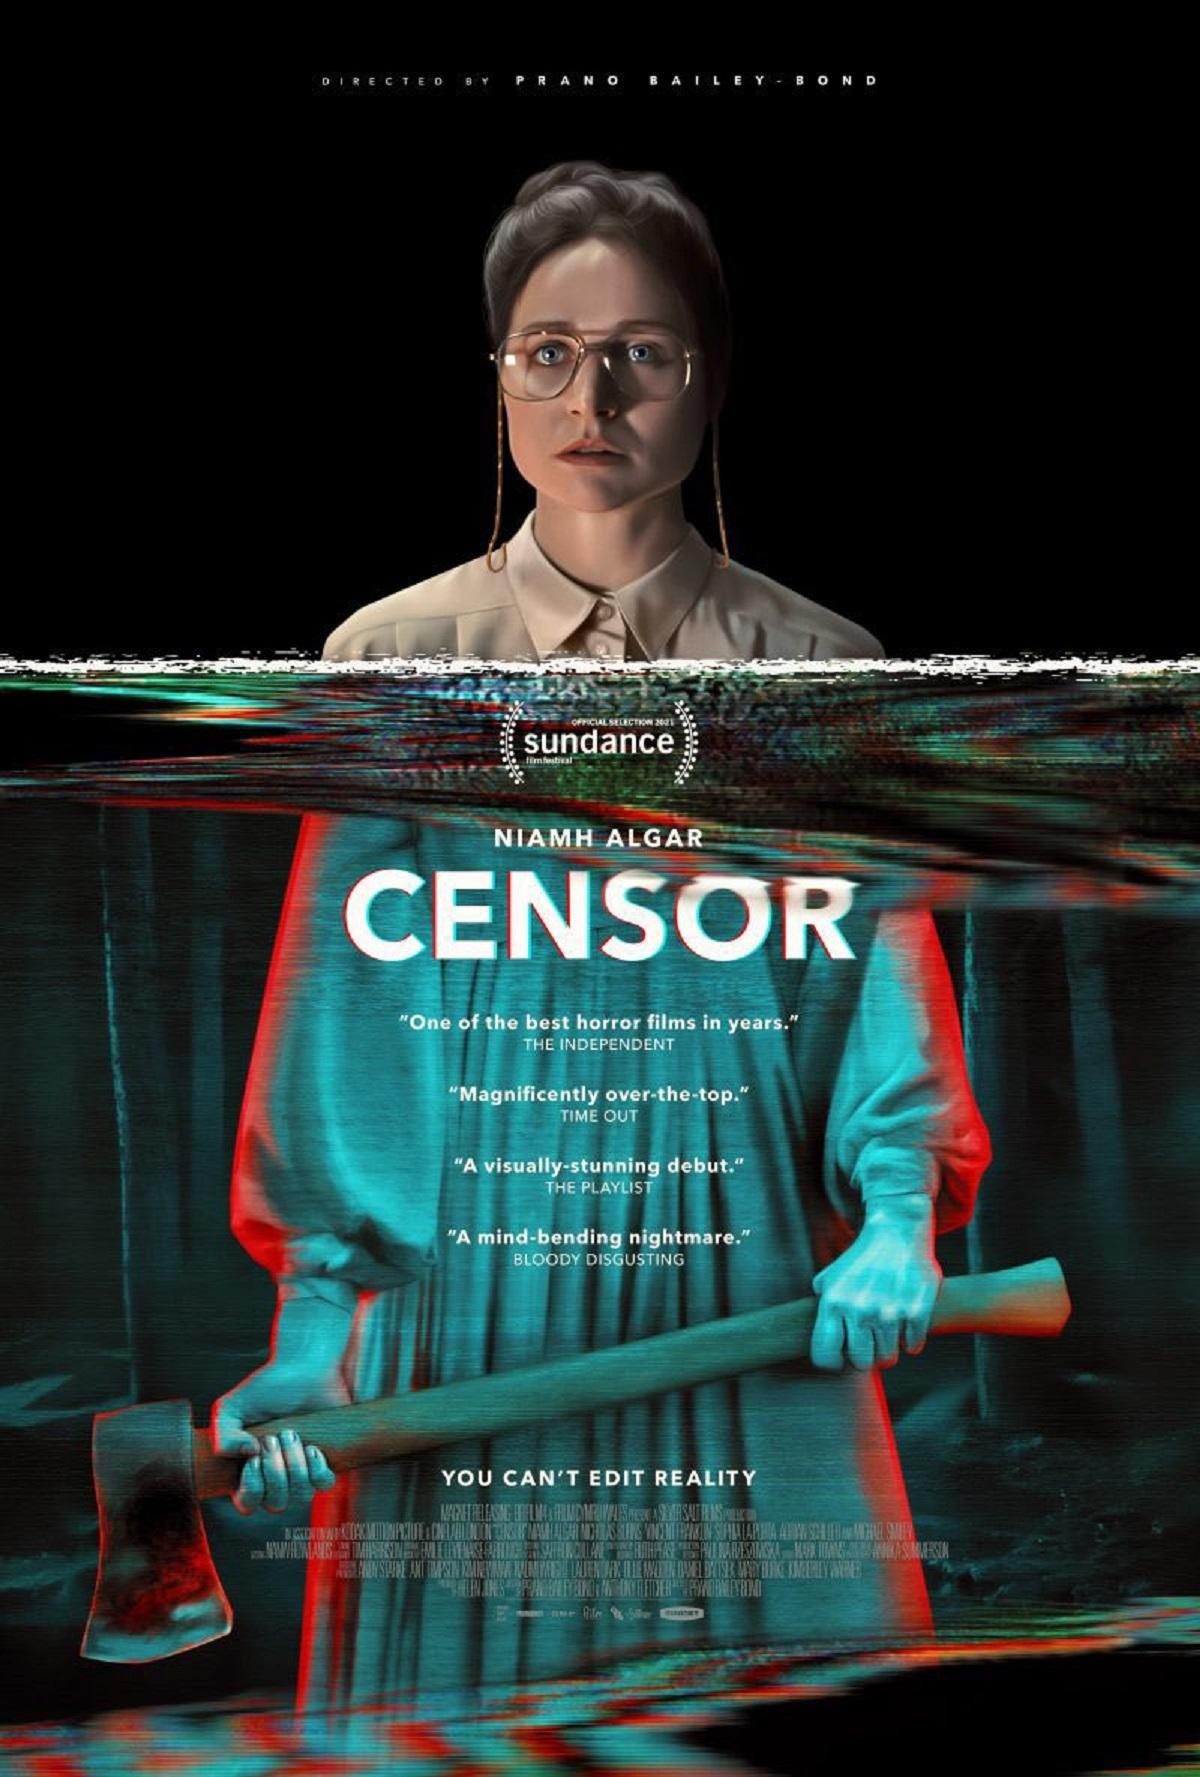 Cartel de 'Censor', de Prano Bailey-Bond.